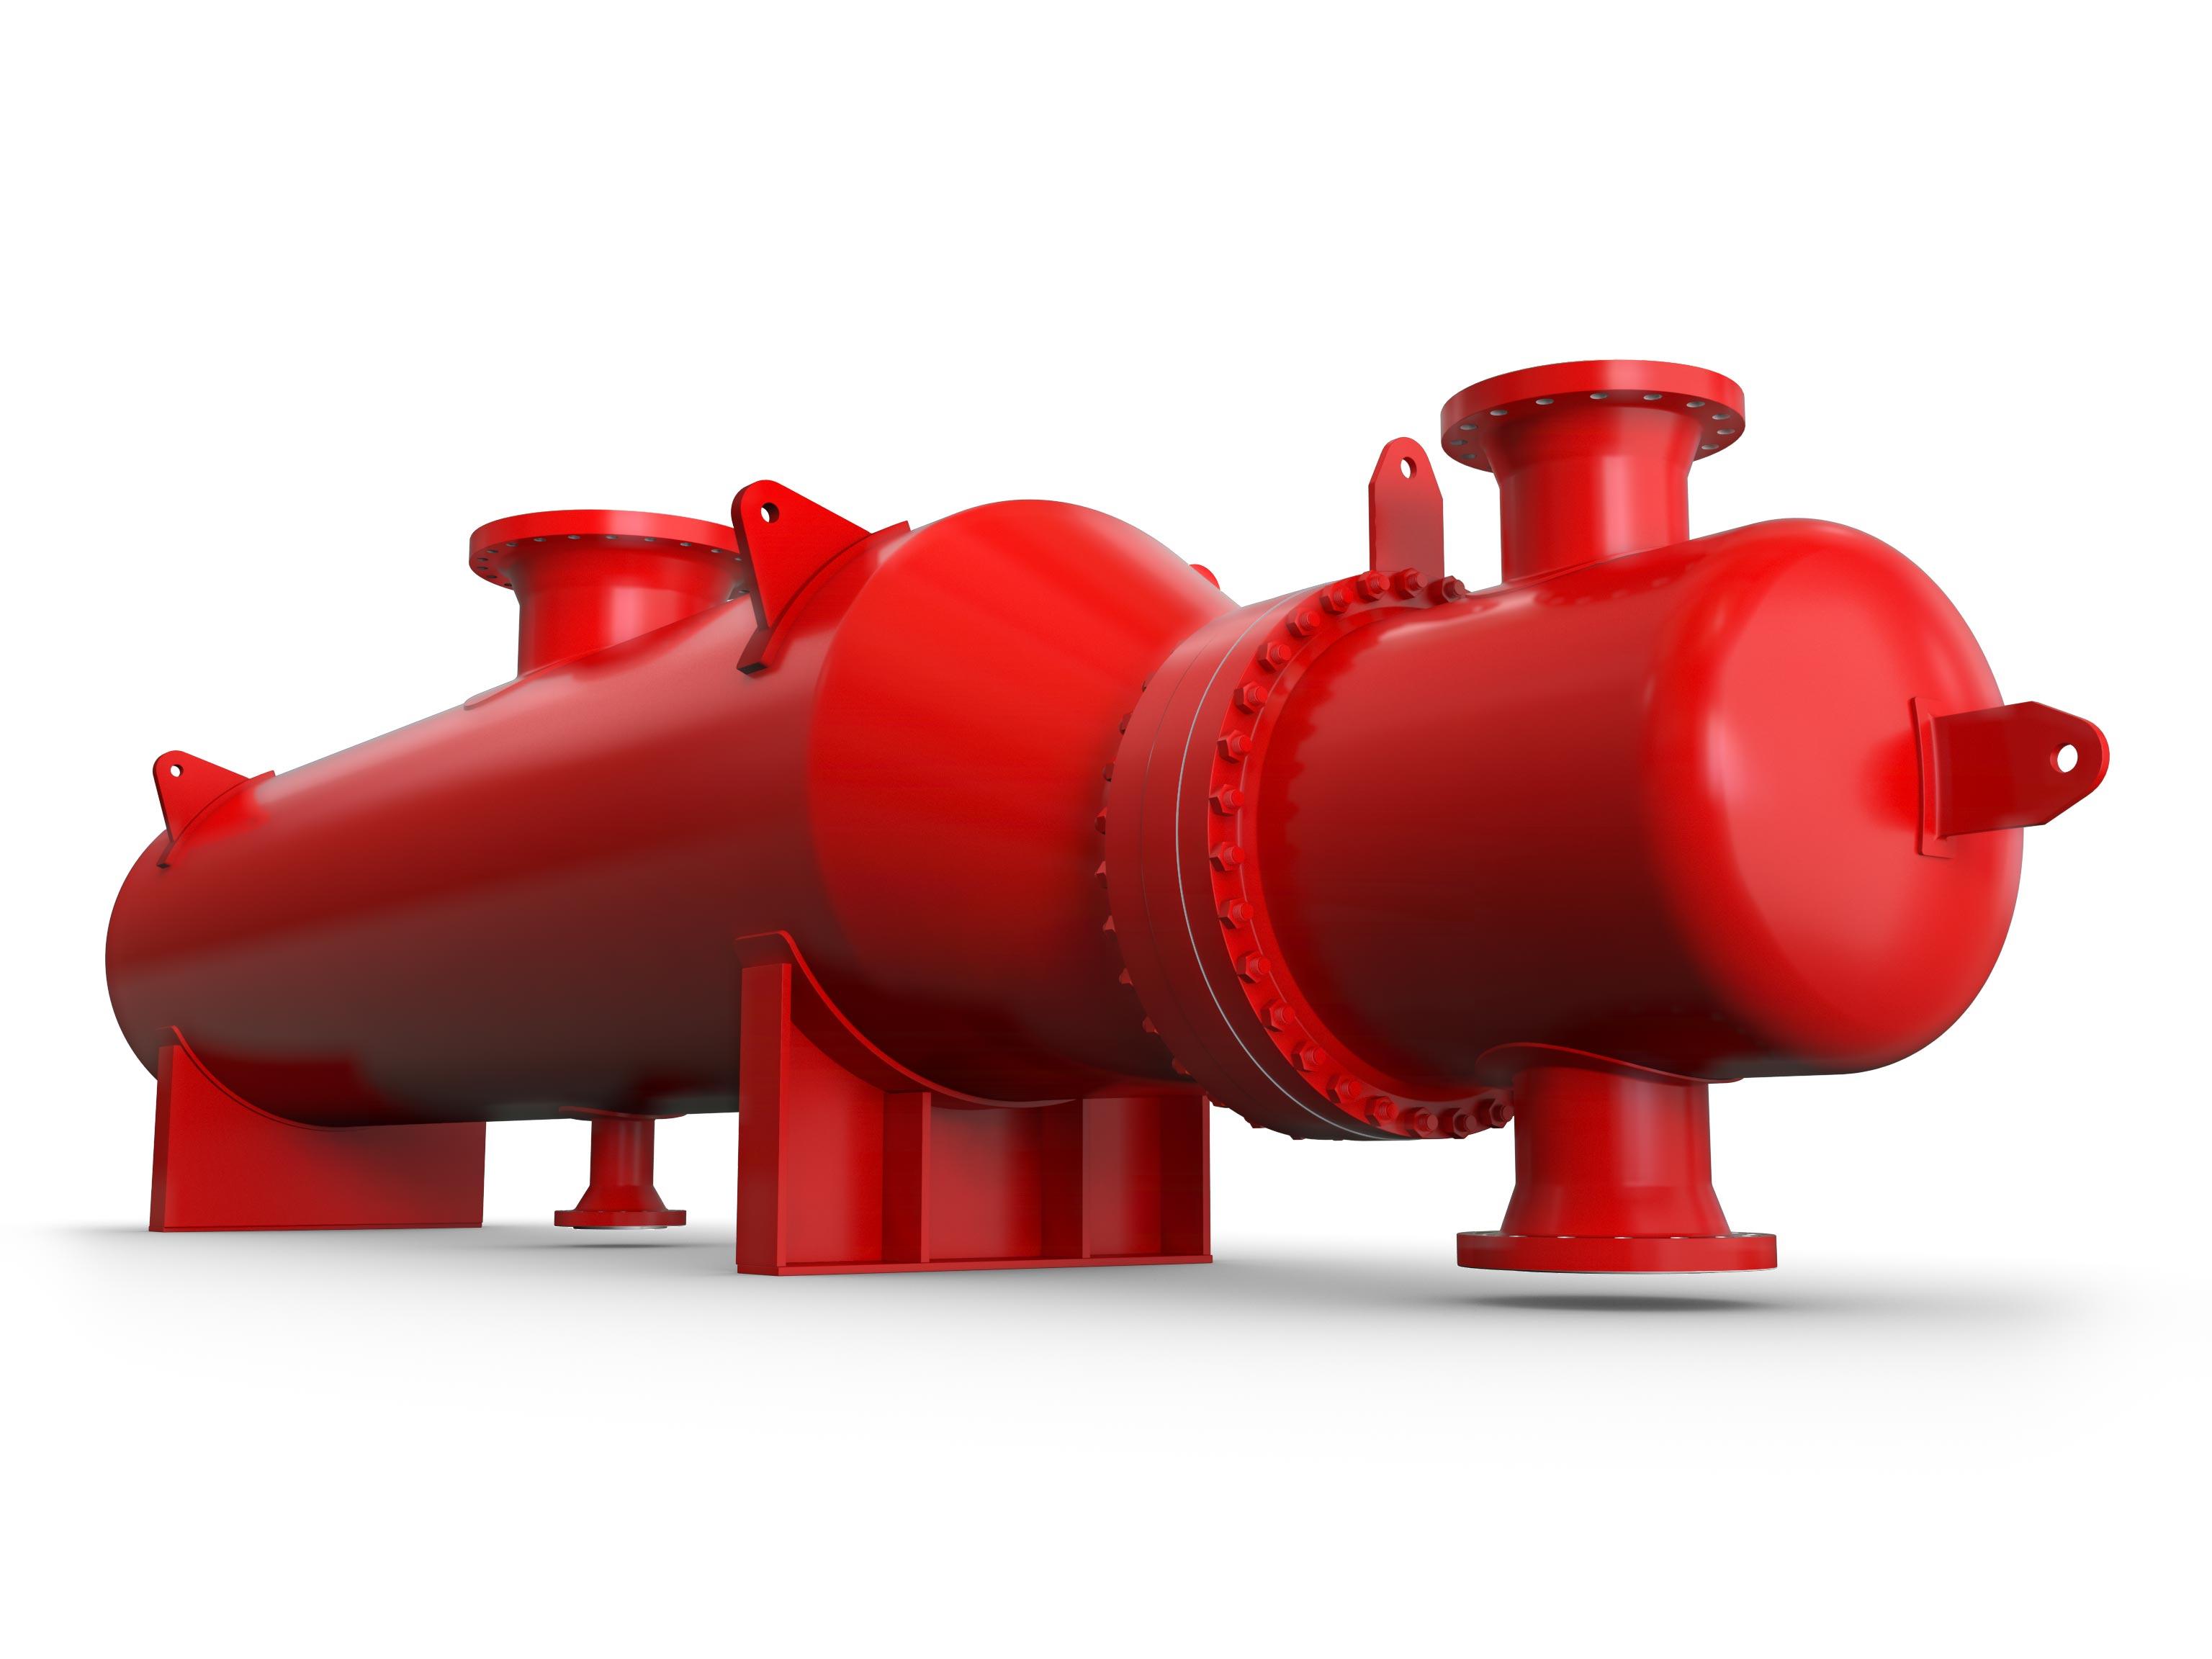 API Basco Kettle Reboiler Heat Exchanger